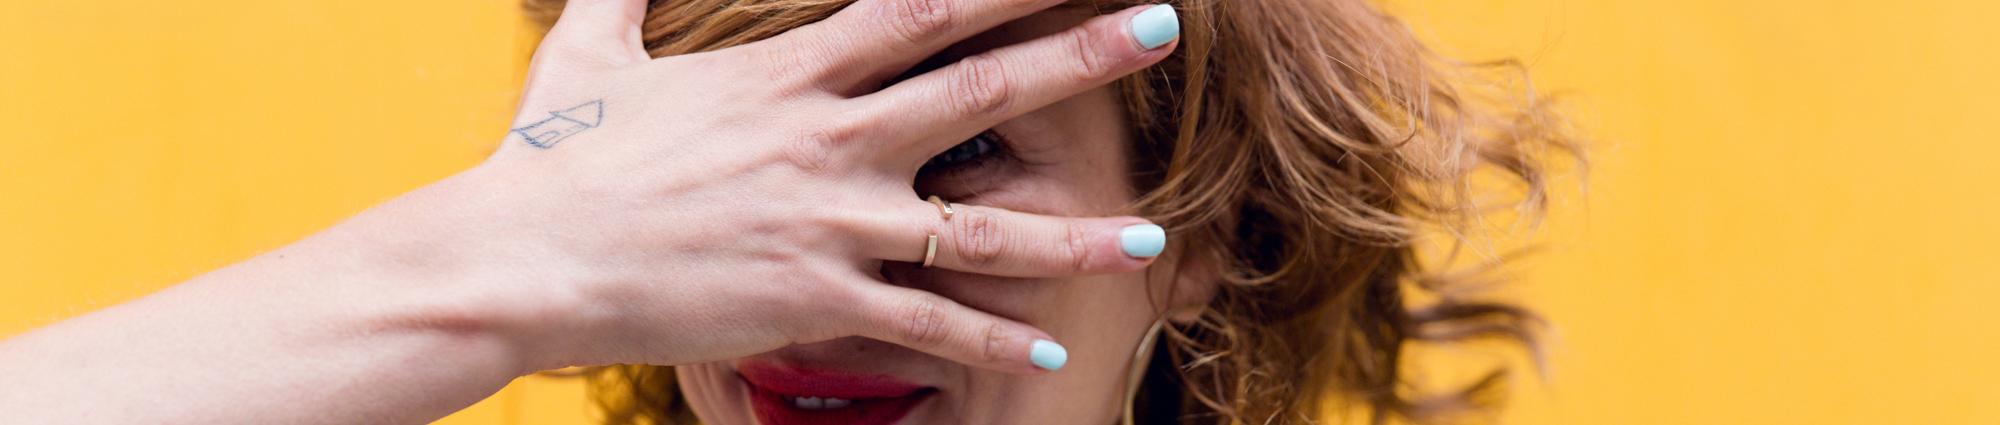 bannière page contact unfold bijoux